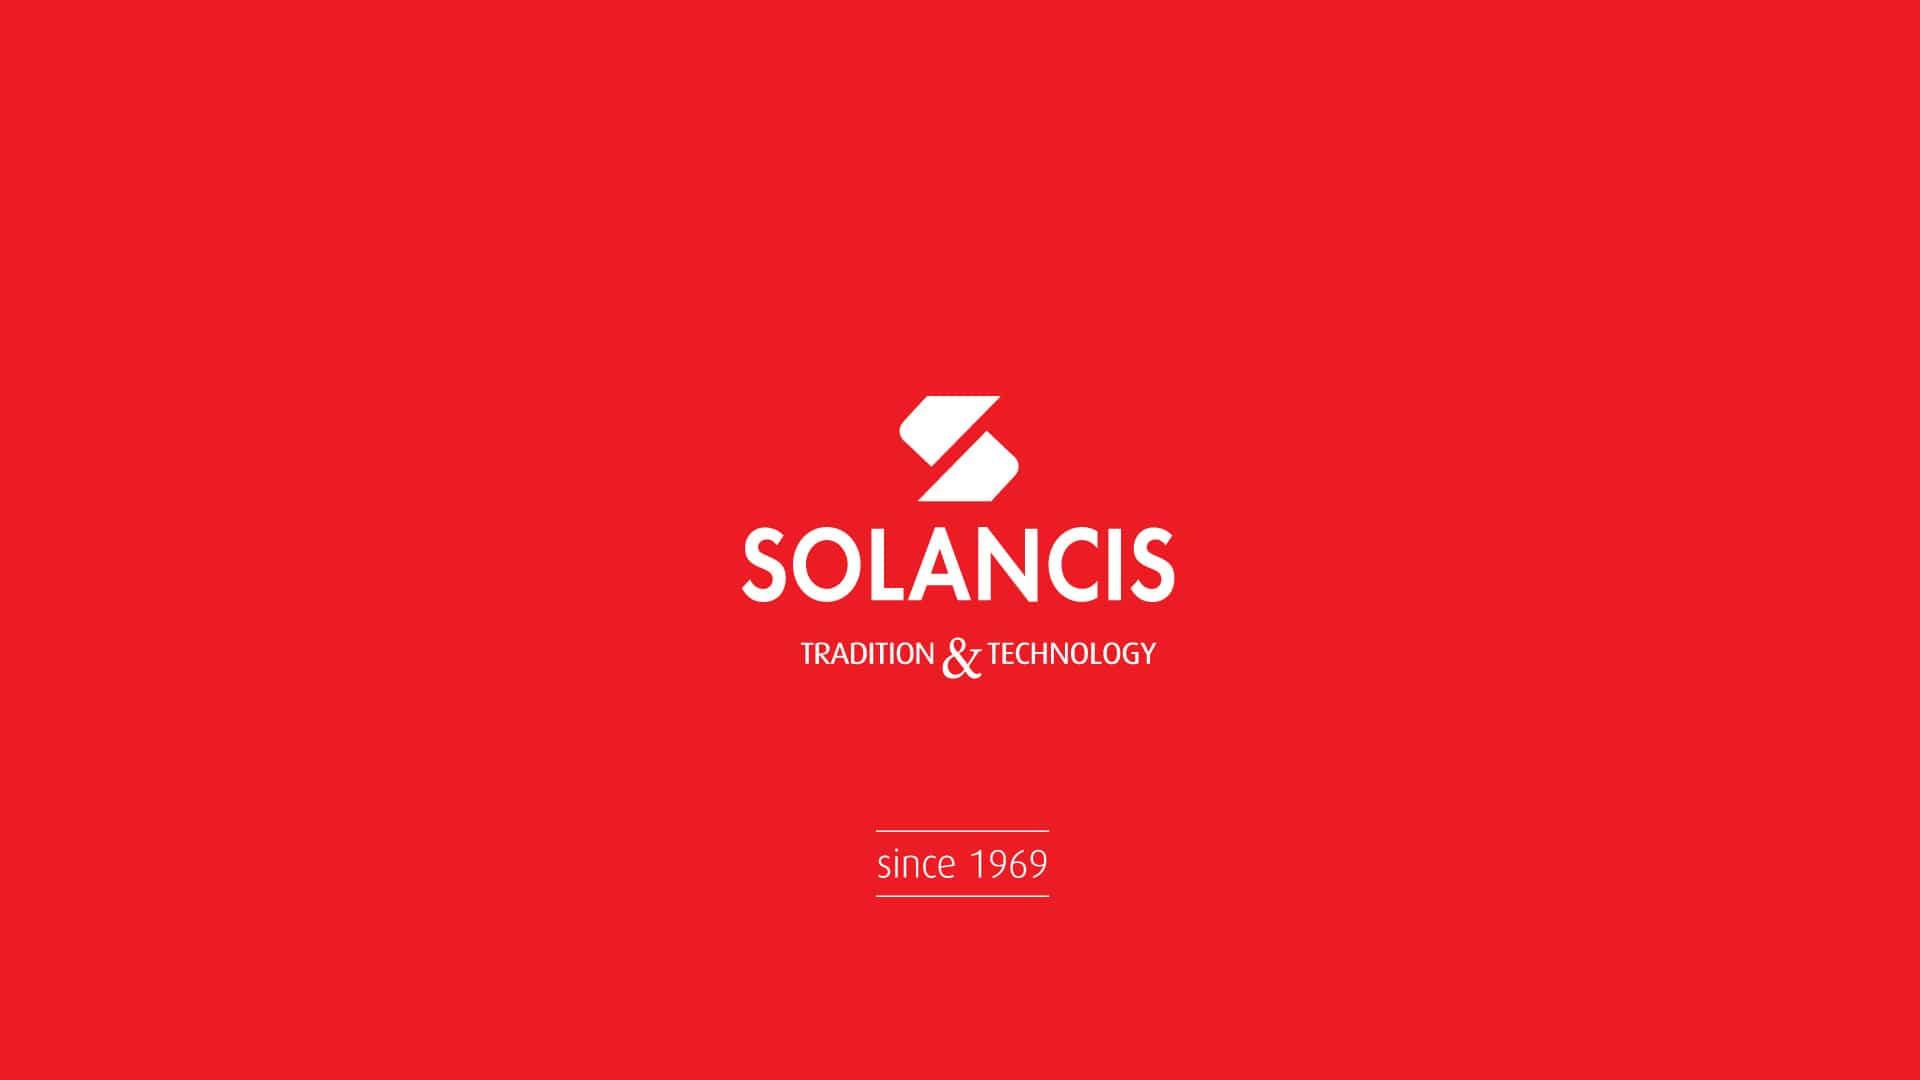 01_Solancis